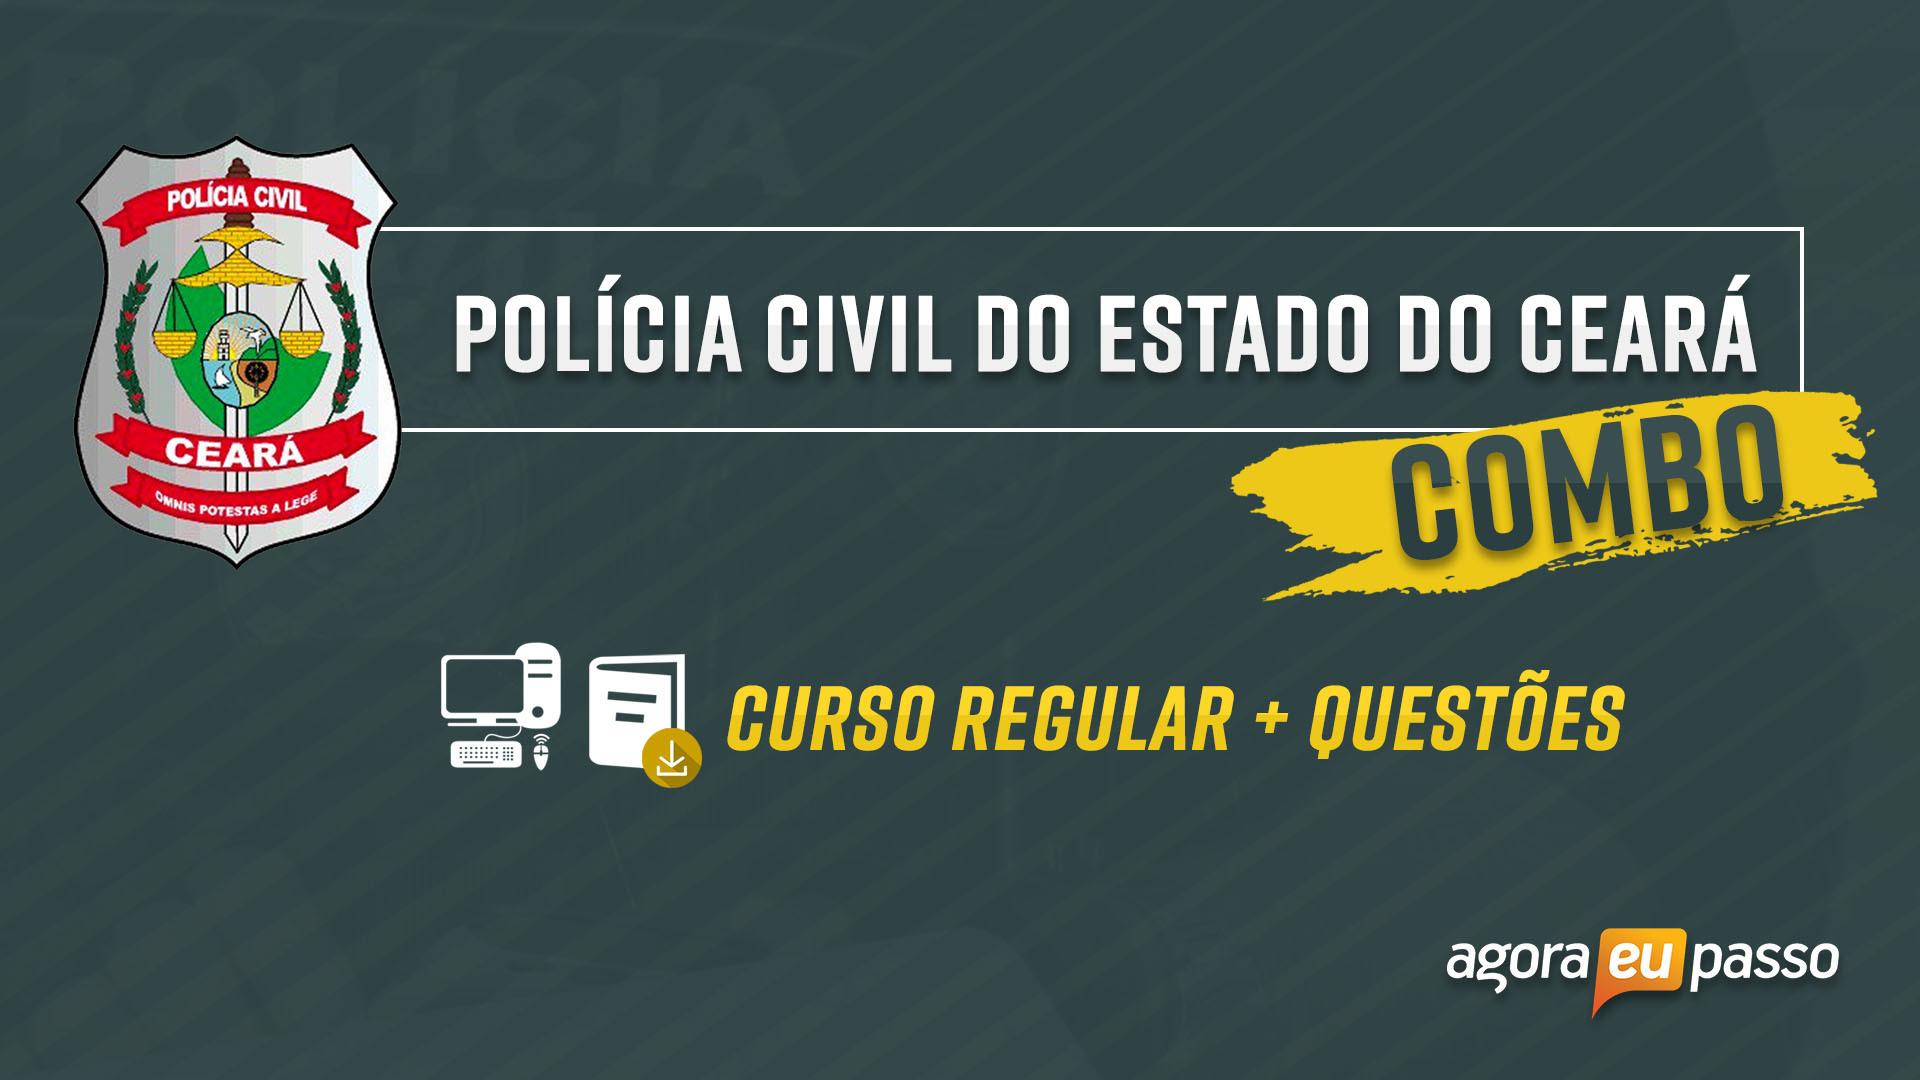 Inspetor e Escrivão da Polícia Civil do Ceará - PC CE - Combo